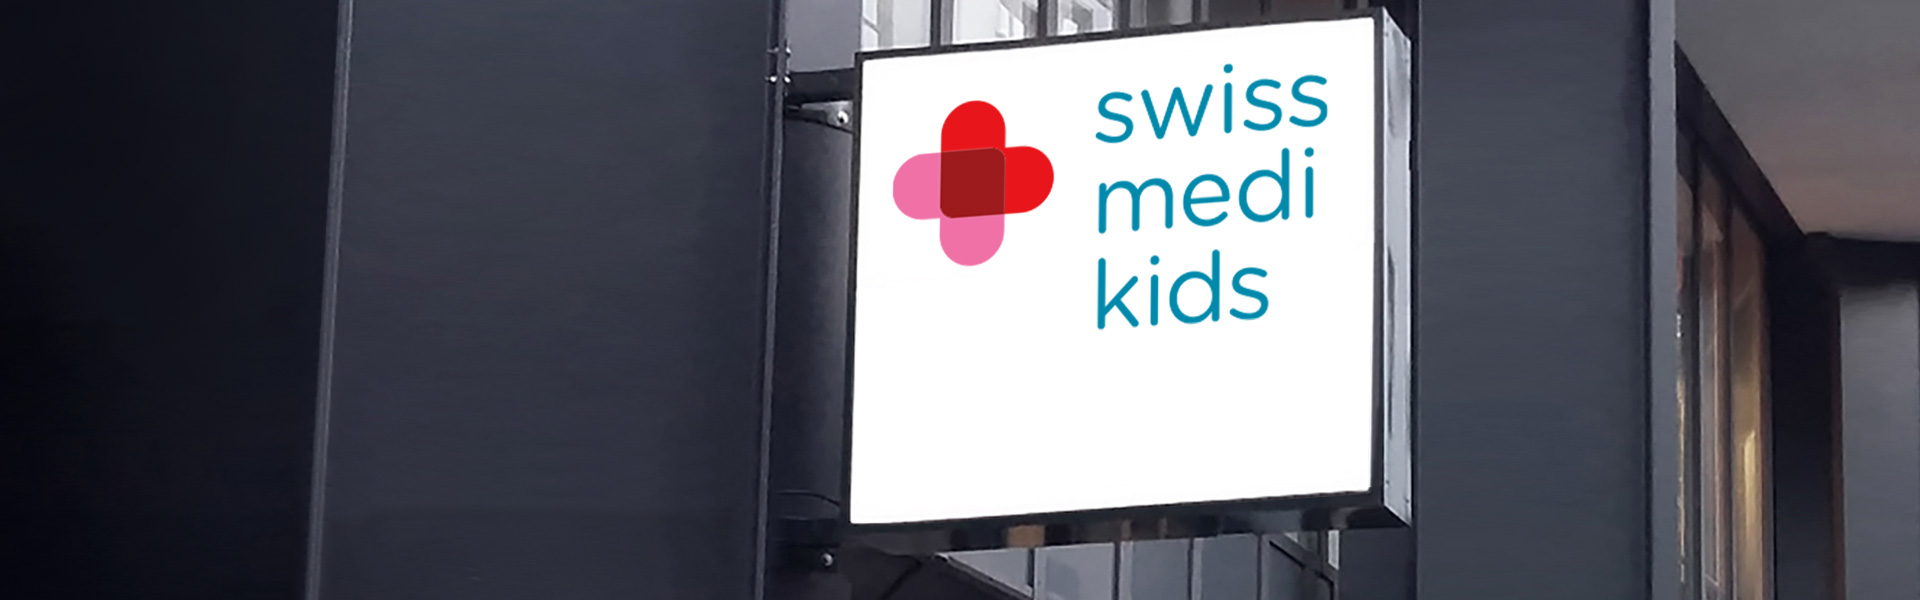 Swiss Medi Kids Location 1